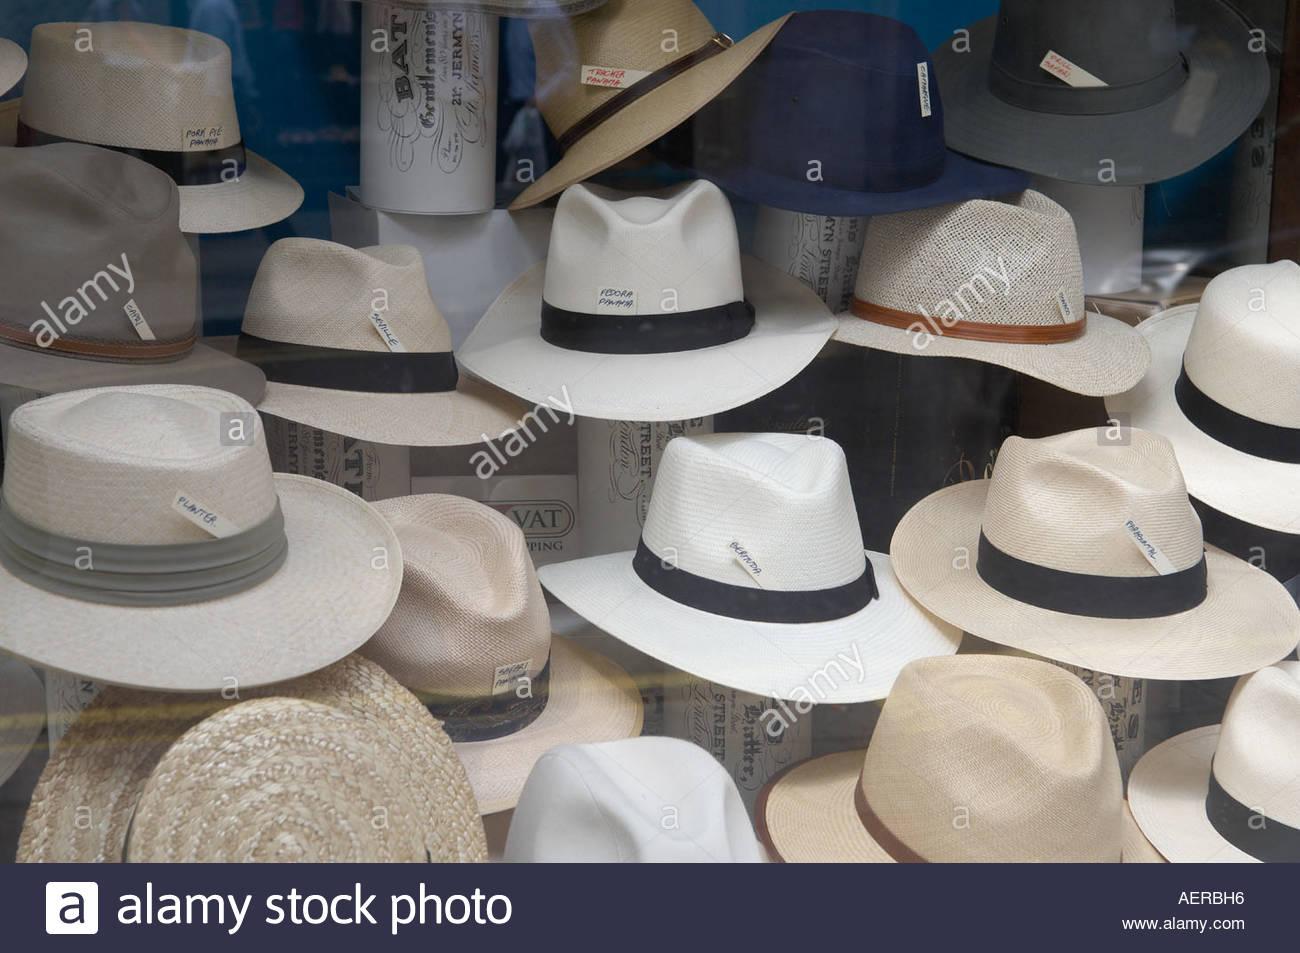 Panama Hats in Jermyn Street in London The Shirt makers street in London Stock Photo